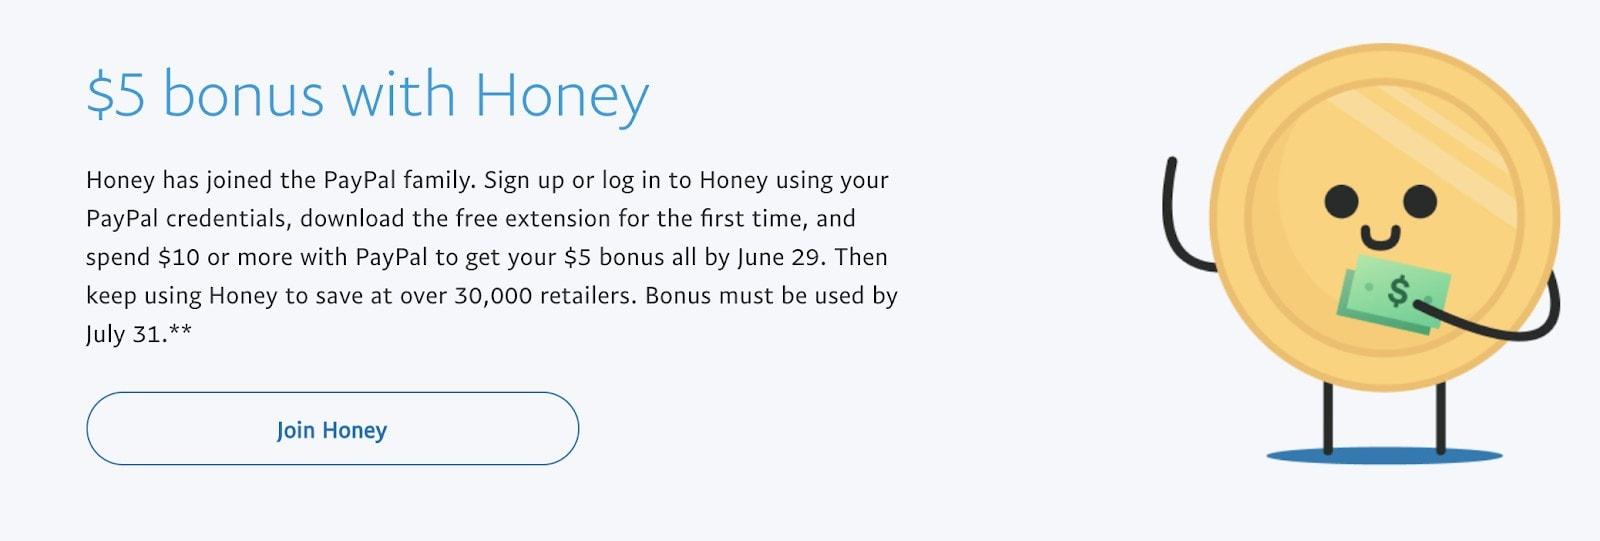 Honey - PayPal Bonus Offer